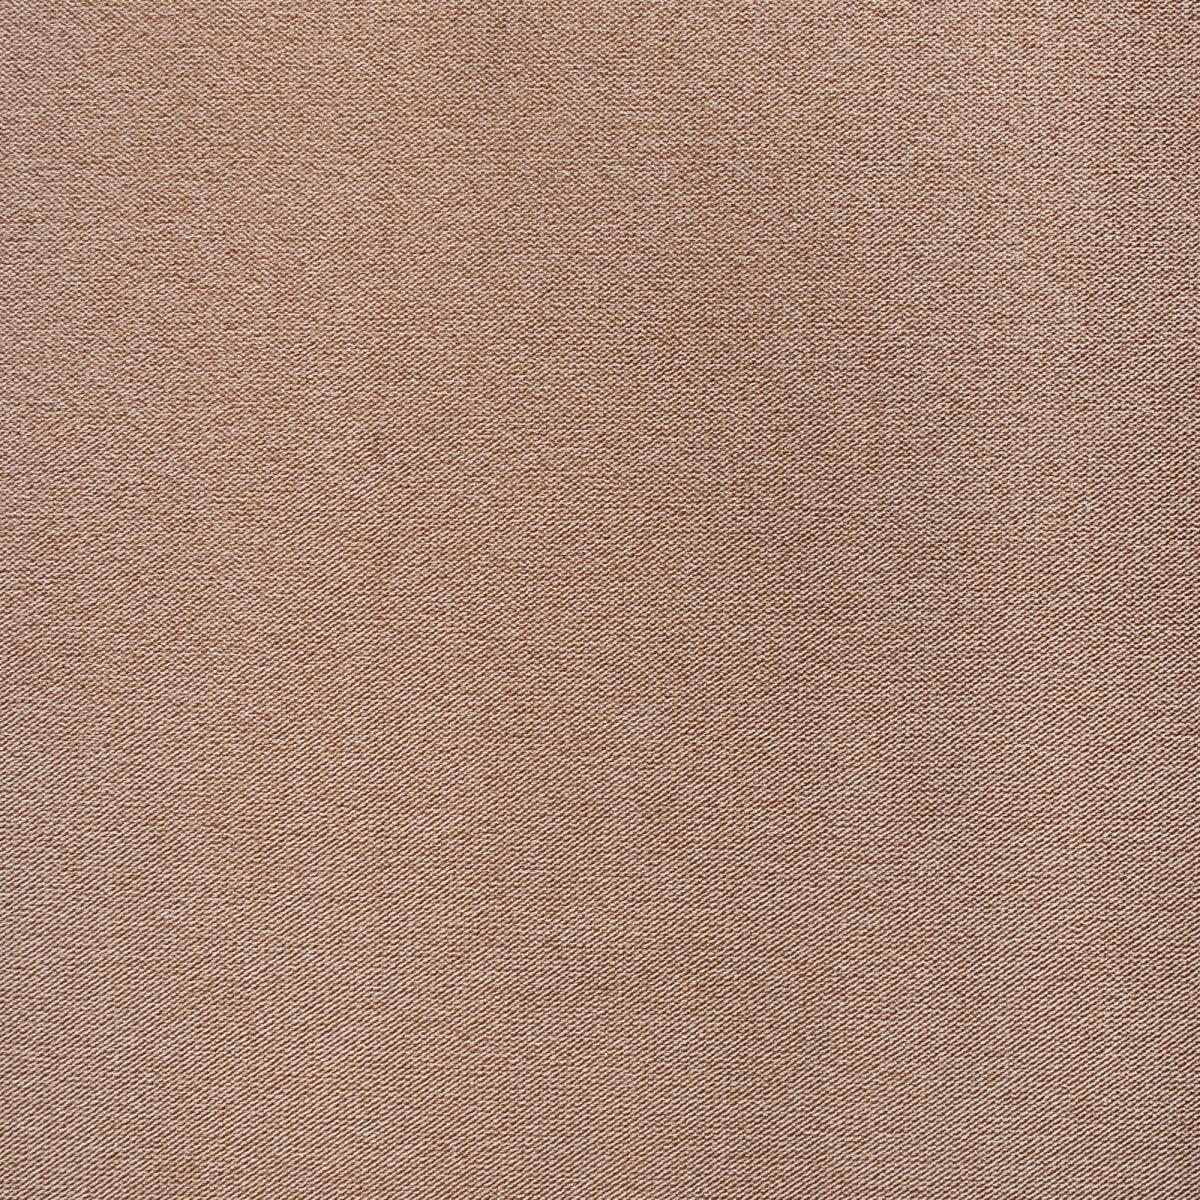 Мебельная ткань в ижевске купить ижевск ткань махровая купить оптом